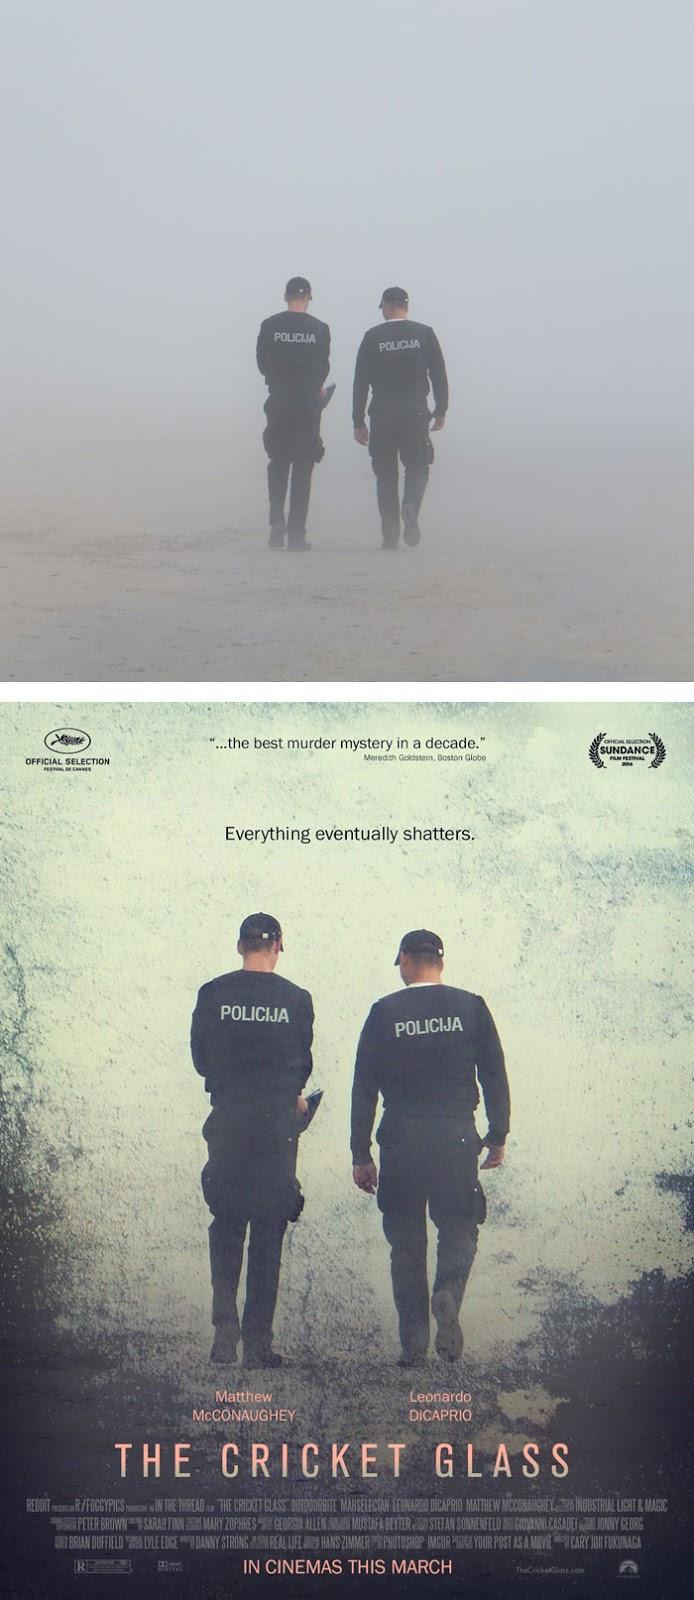 Foto Biasa Yang Disulap Menjadi Poster Film Yang Menakjubkan